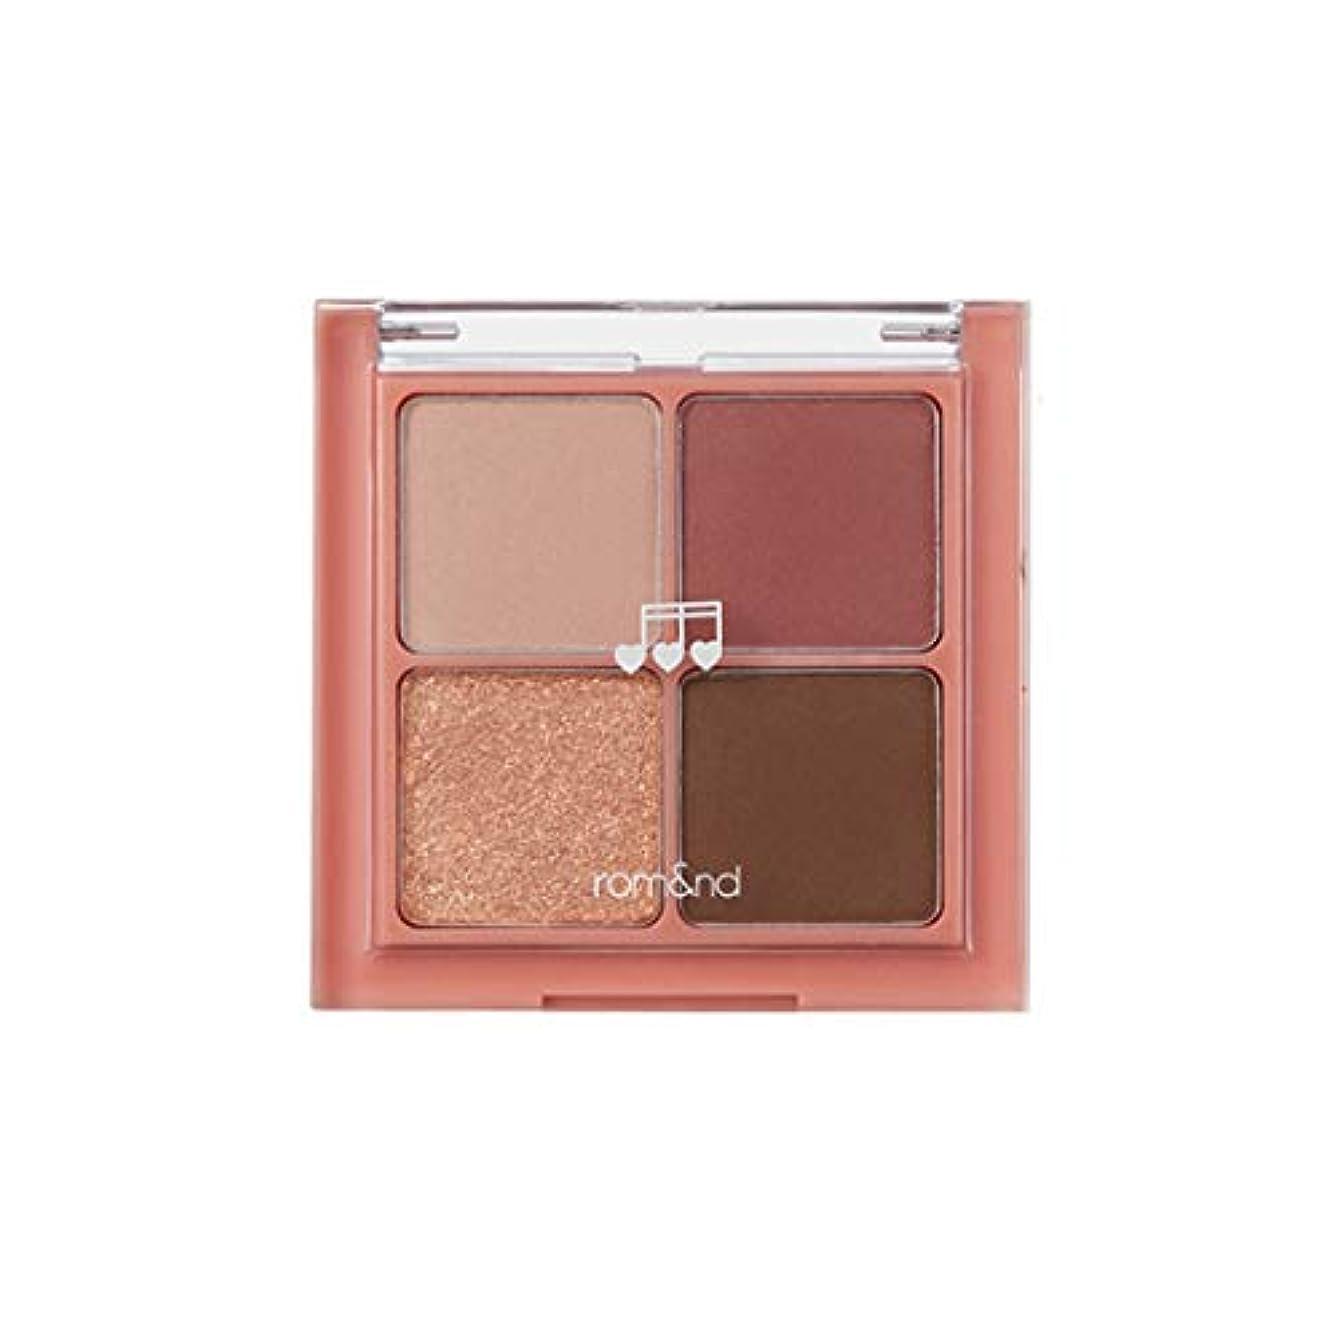 スチュワーデスソロ瀬戸際rom&nd BETTER THAN EYES Eyeshadow Palette 4色のアイシャドウパレット # M3 DRY cosmos(並行輸入品)